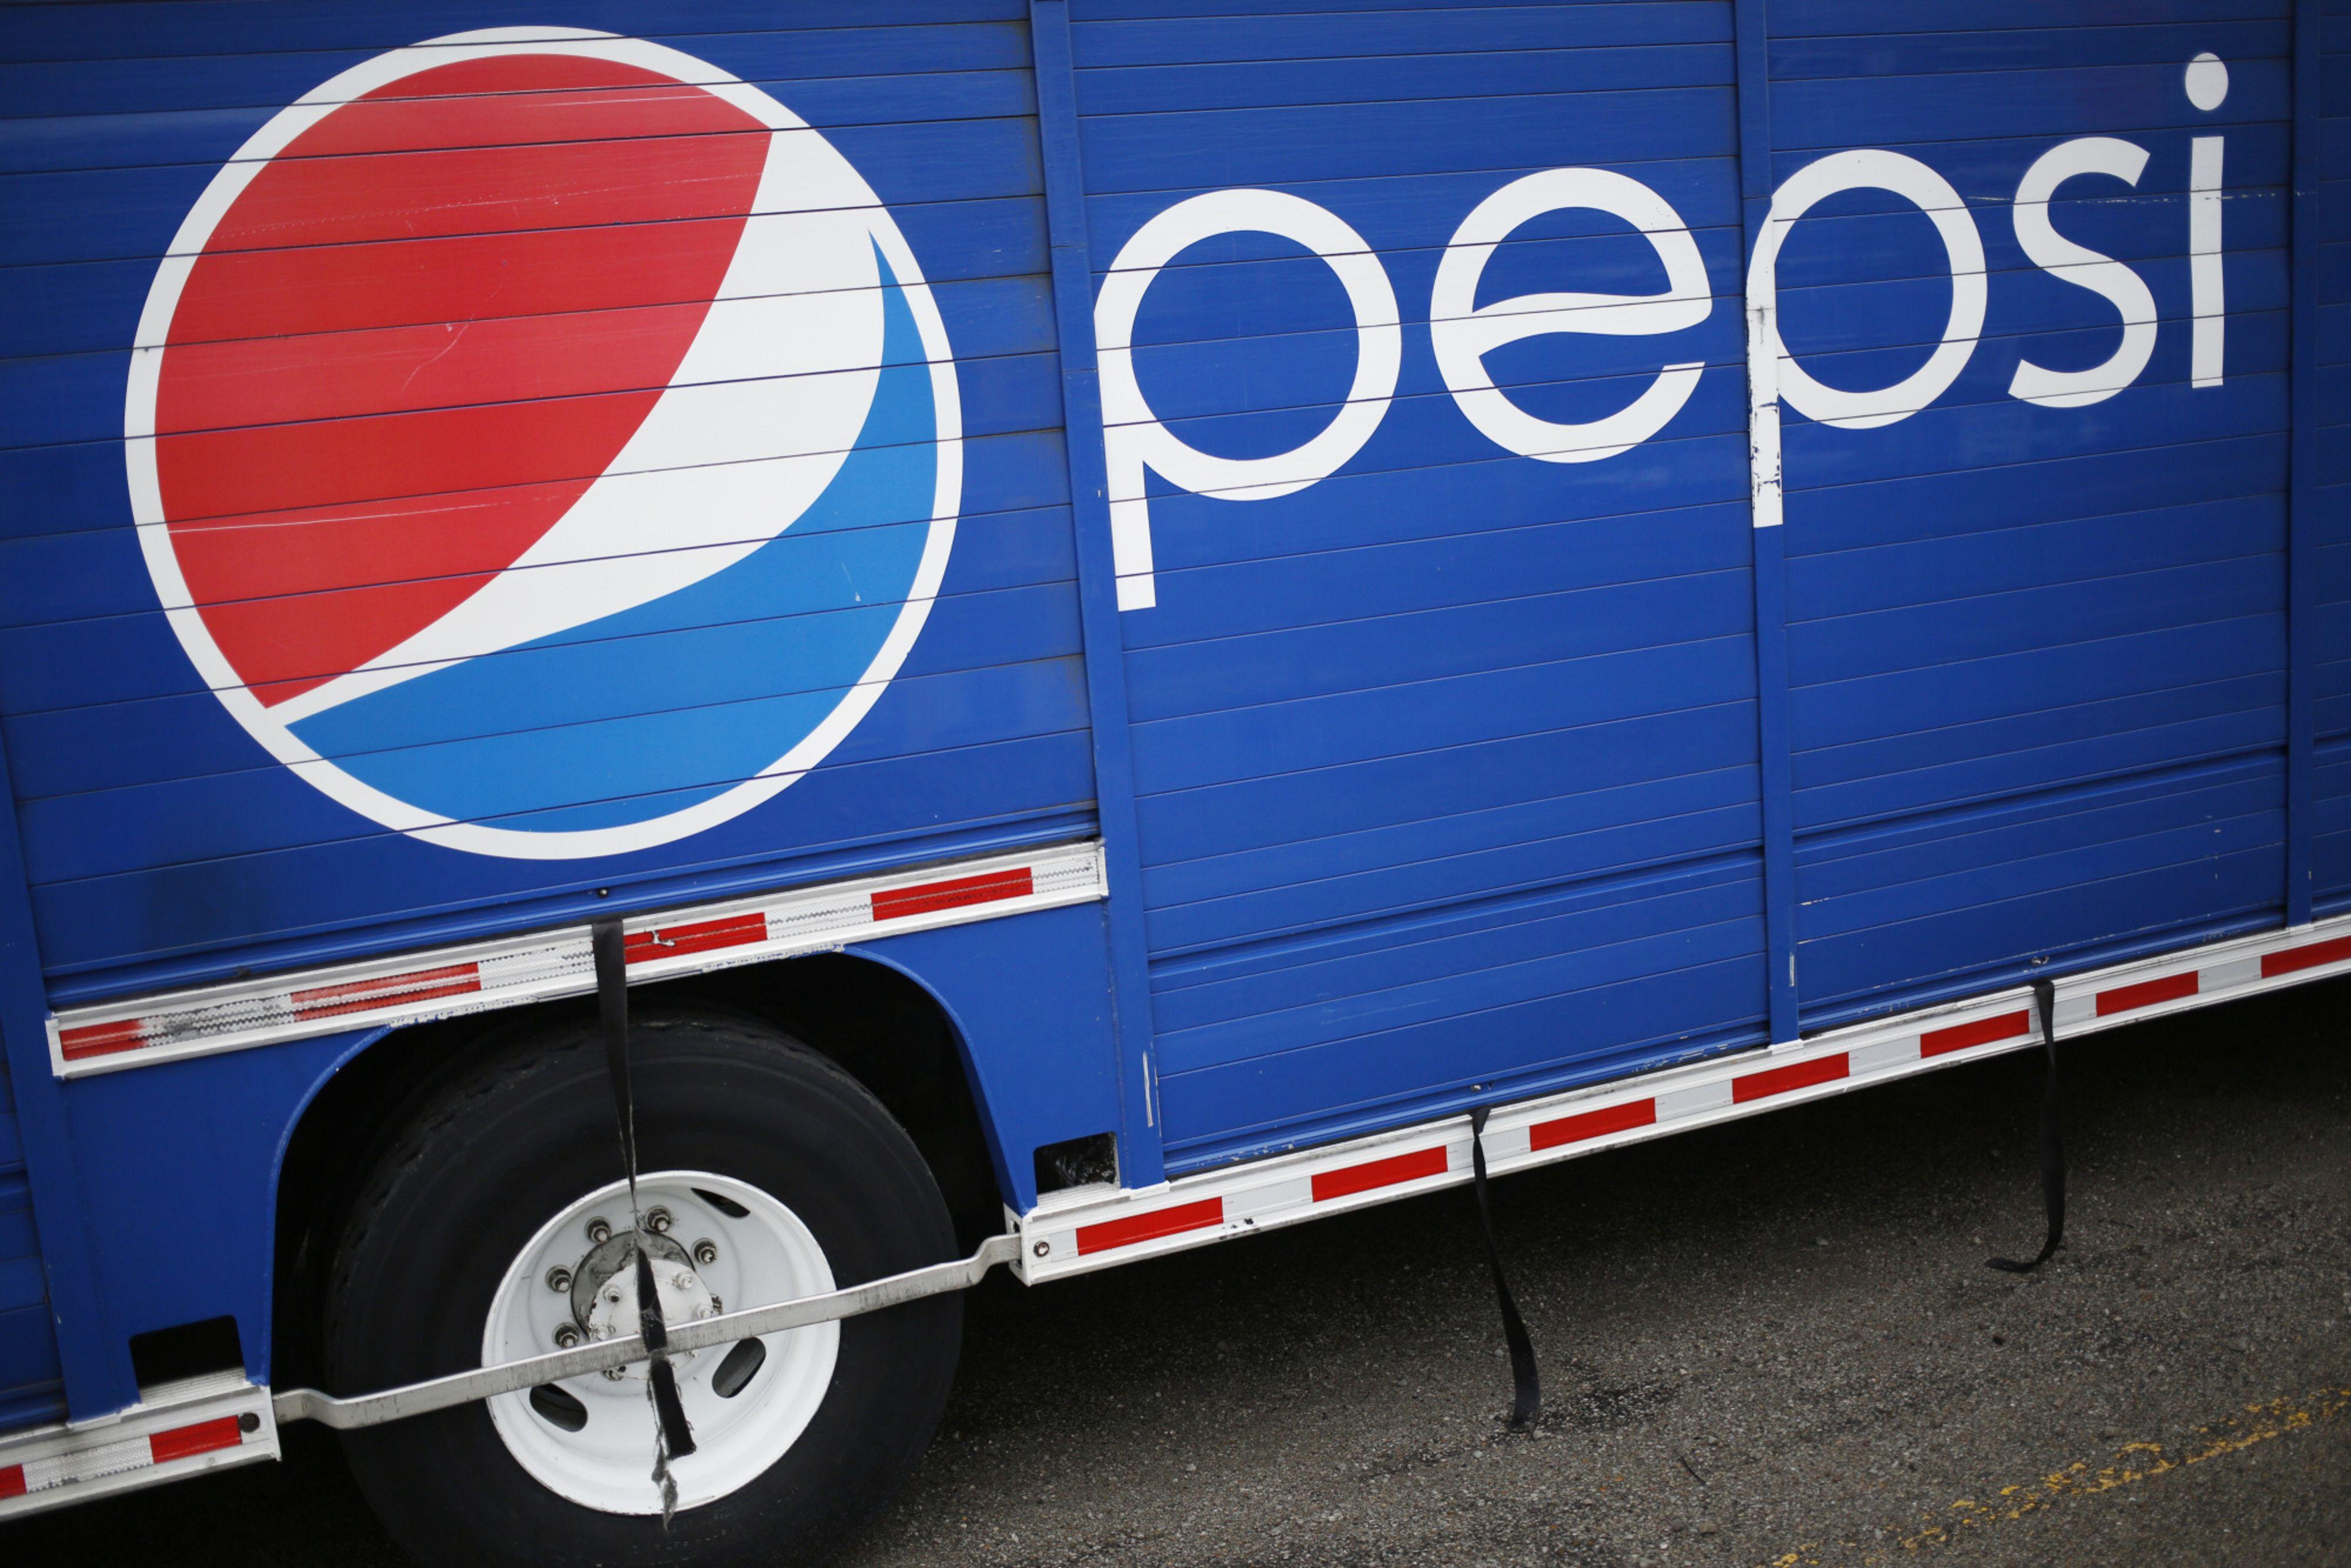 ¡Atención, aquí hay chamba! PepsiCo publica vacantes en CDMX y Edomex